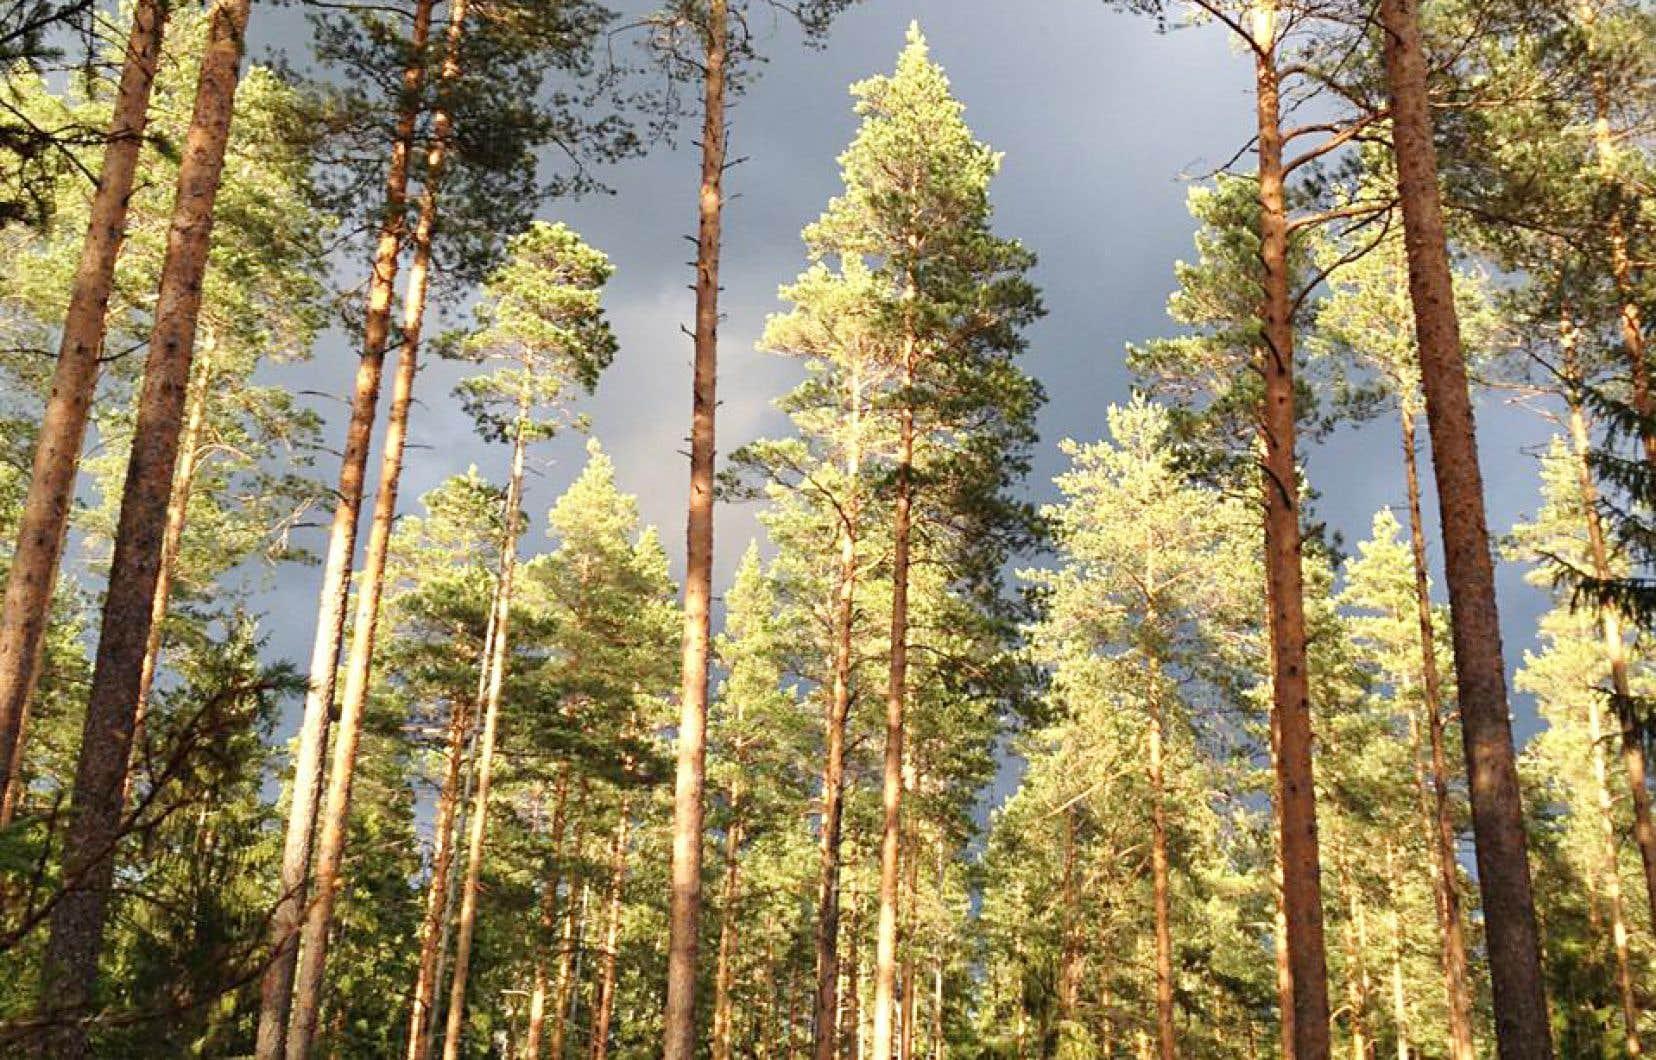 Les majestueux arbres dans la forêt de Zélénogorsk. L'air est doux, les petits chemins de terre sont bordés d'arbres hauts, épinettes, pins surtout, aux troncs rouges; on dirait une série peinte de la main d'un artiste minimaliste.